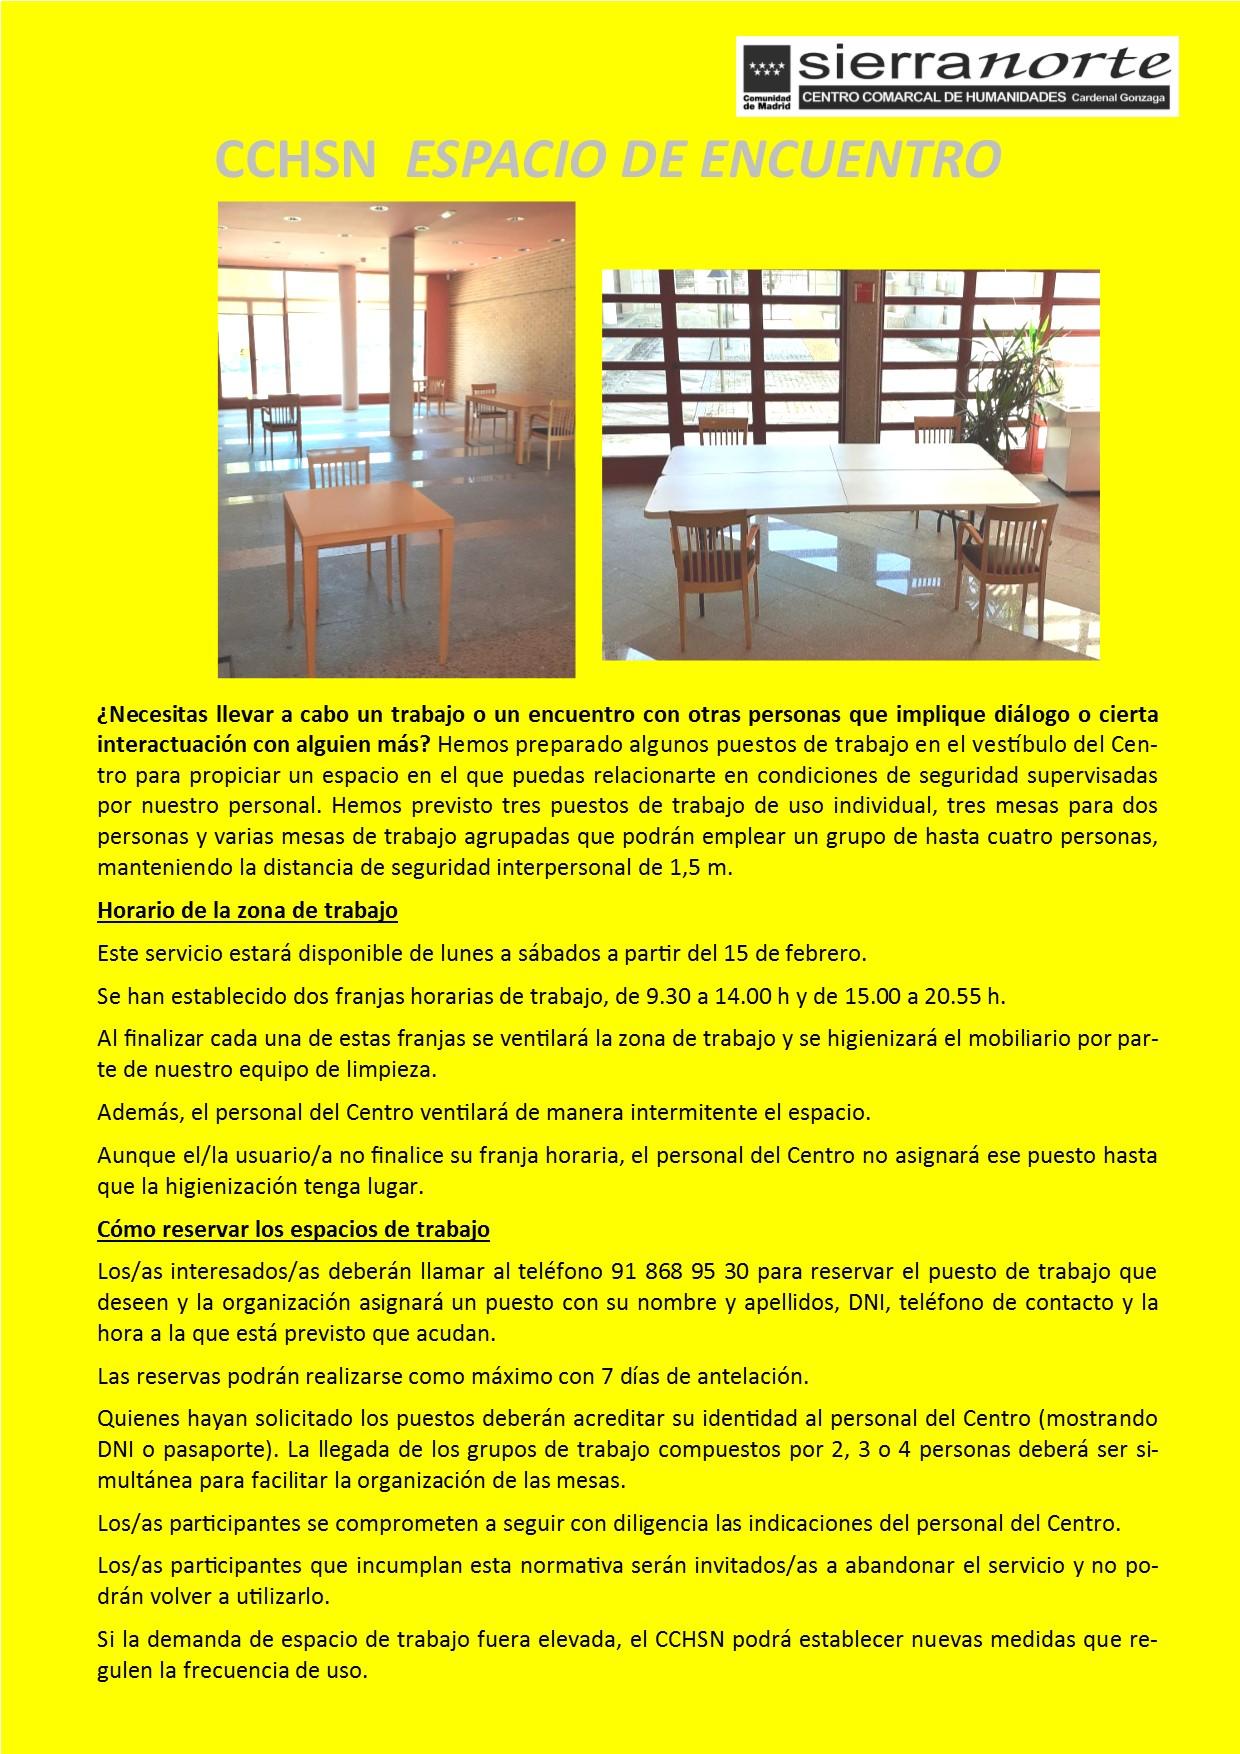 cartel-espacio-de-encuentro CCH